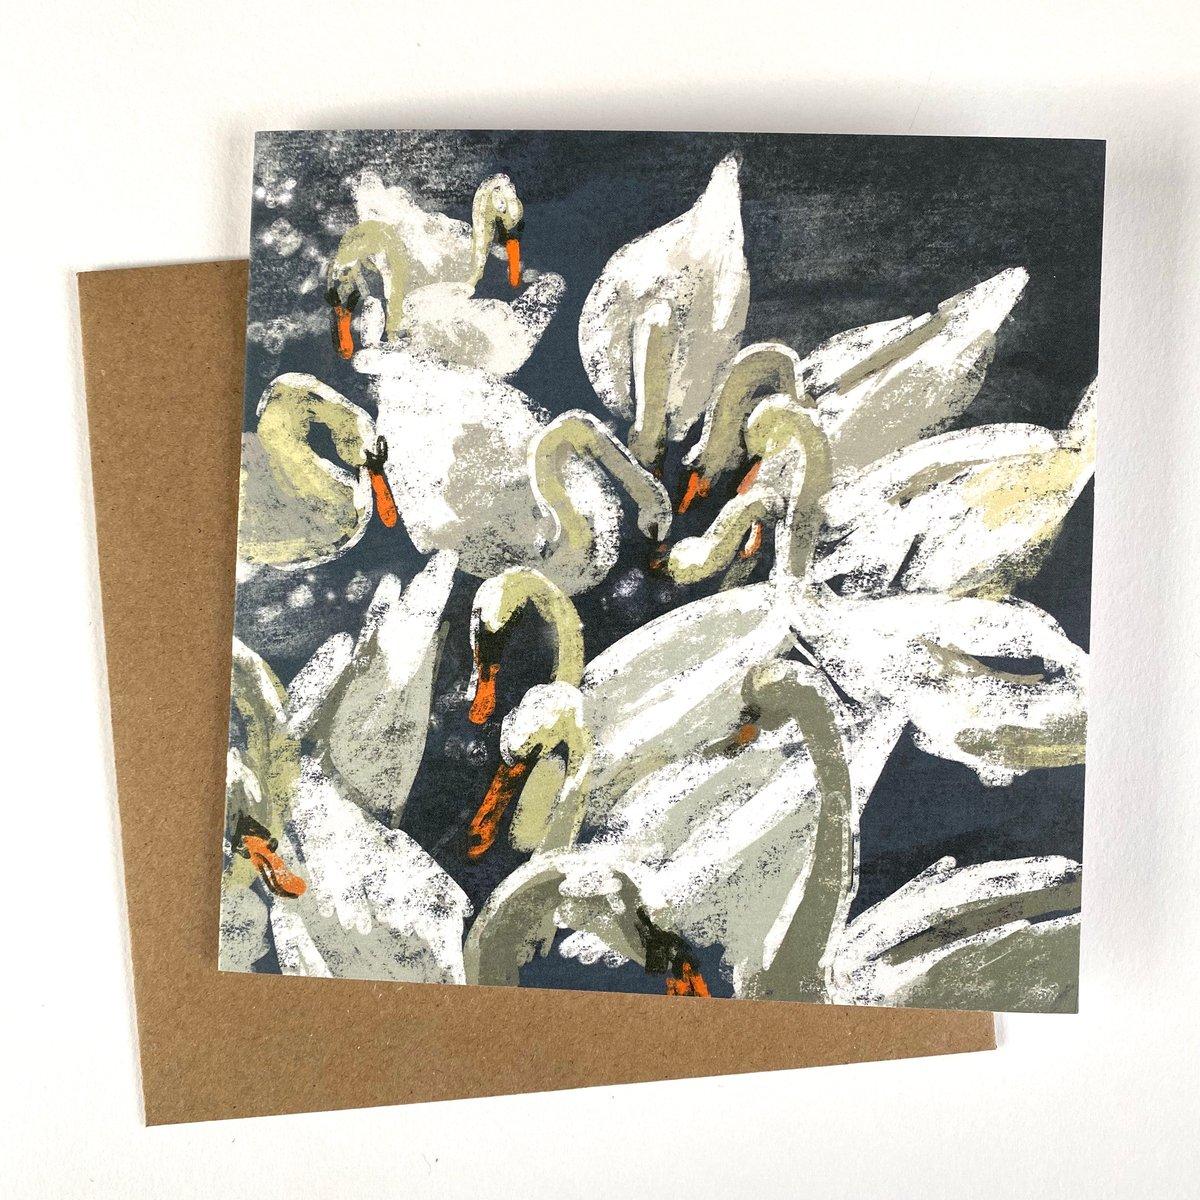 Image of 'Bevy of Swans' luxury greetings card (single or multipack)